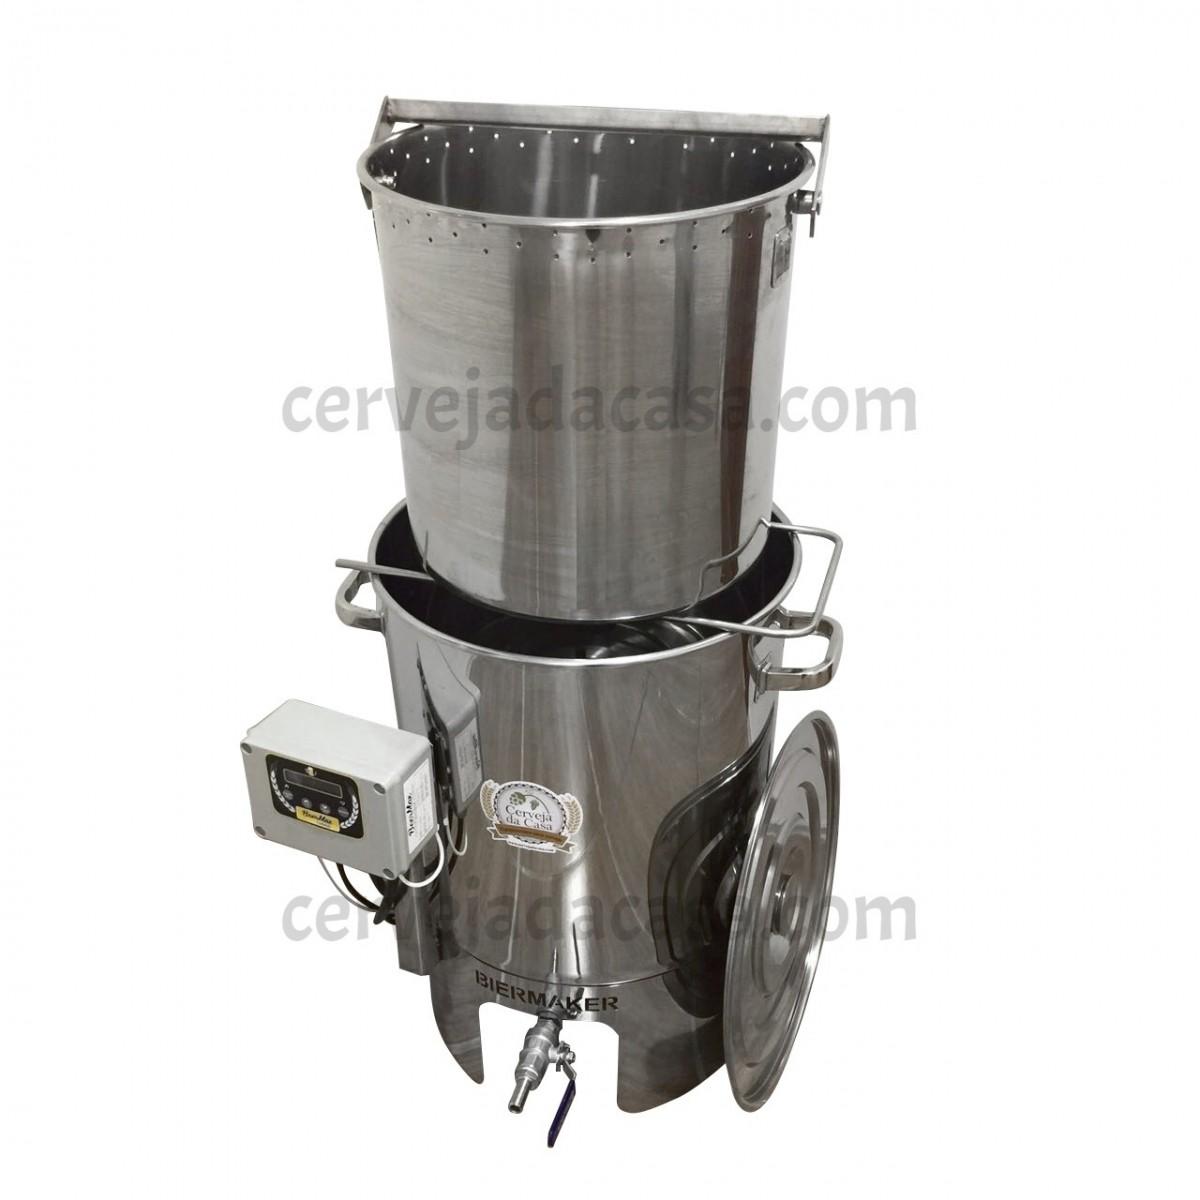 BierMaker 30 litros - Equipamento em Inox Automatizado Método Single Vessel  - Cerveja da Casa